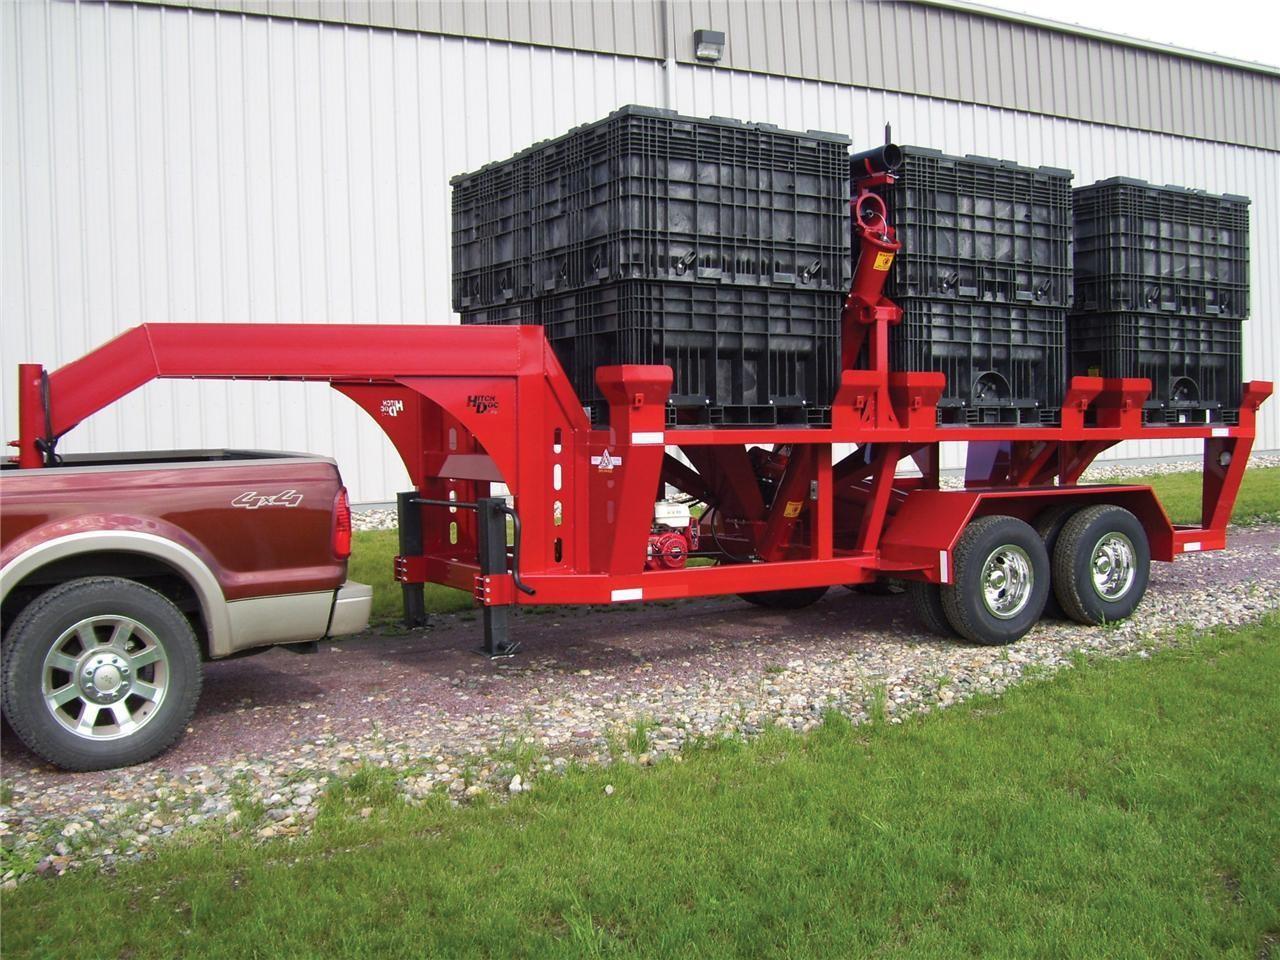 2022 Travis Seed Cart HSC6000 Seed Tender